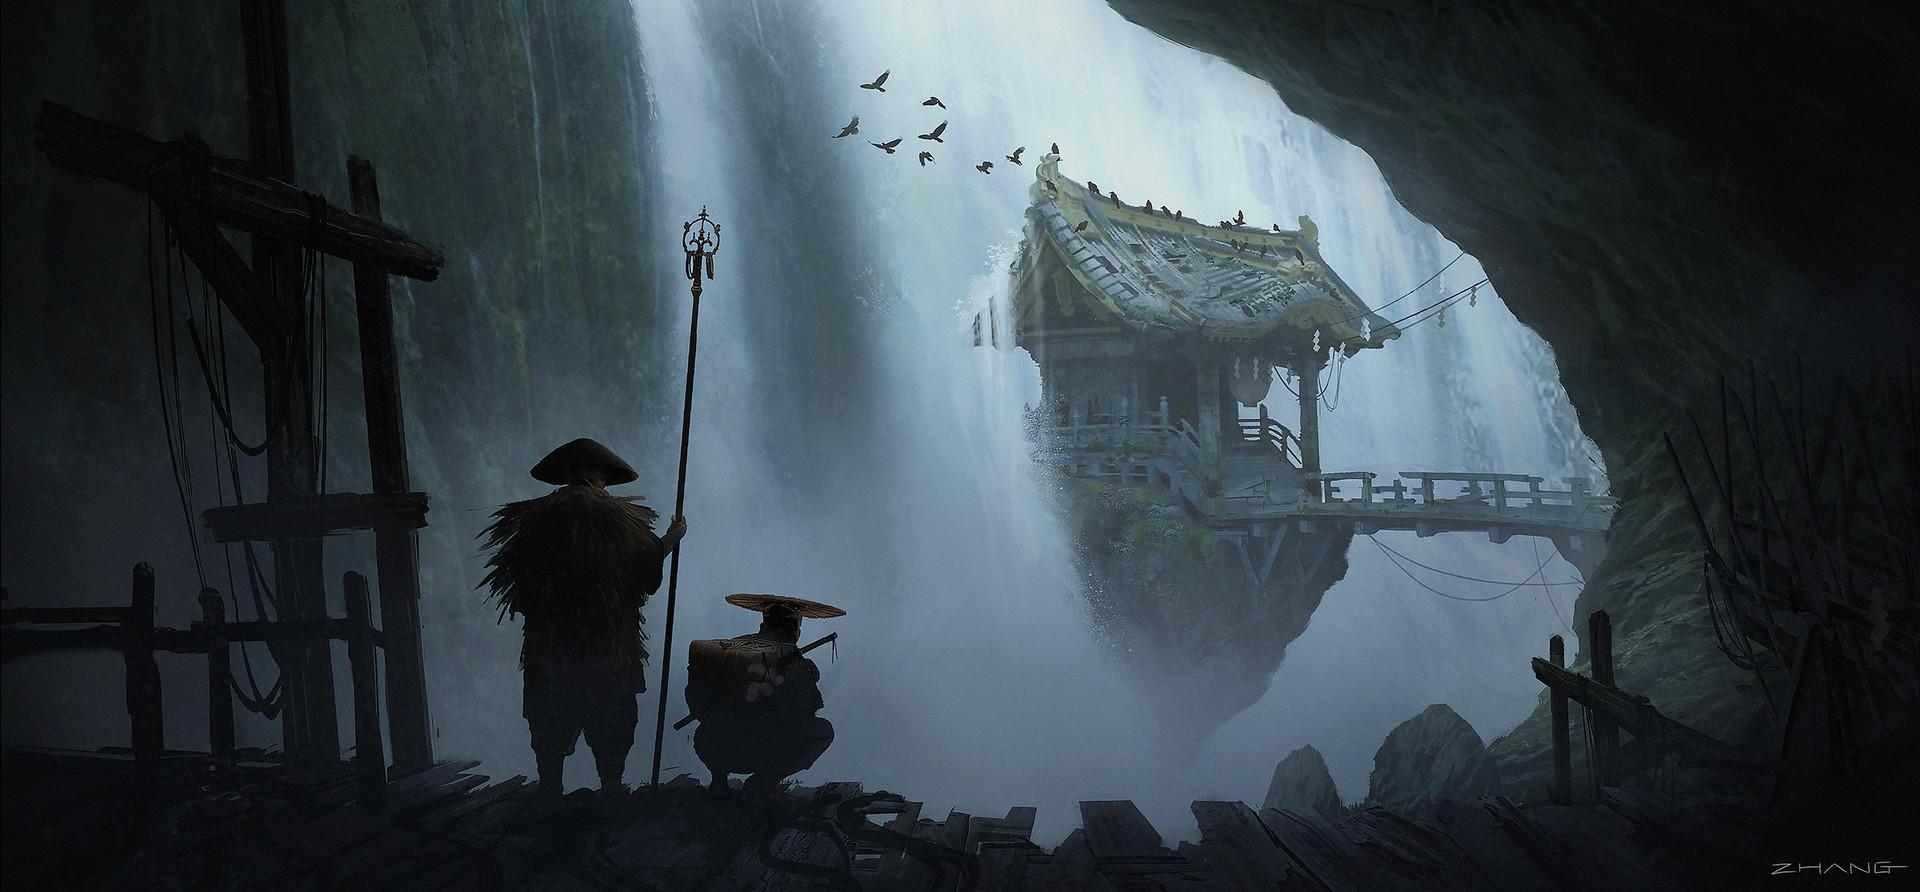 Pally zhang samurai hunt waterfall village a06 pz small